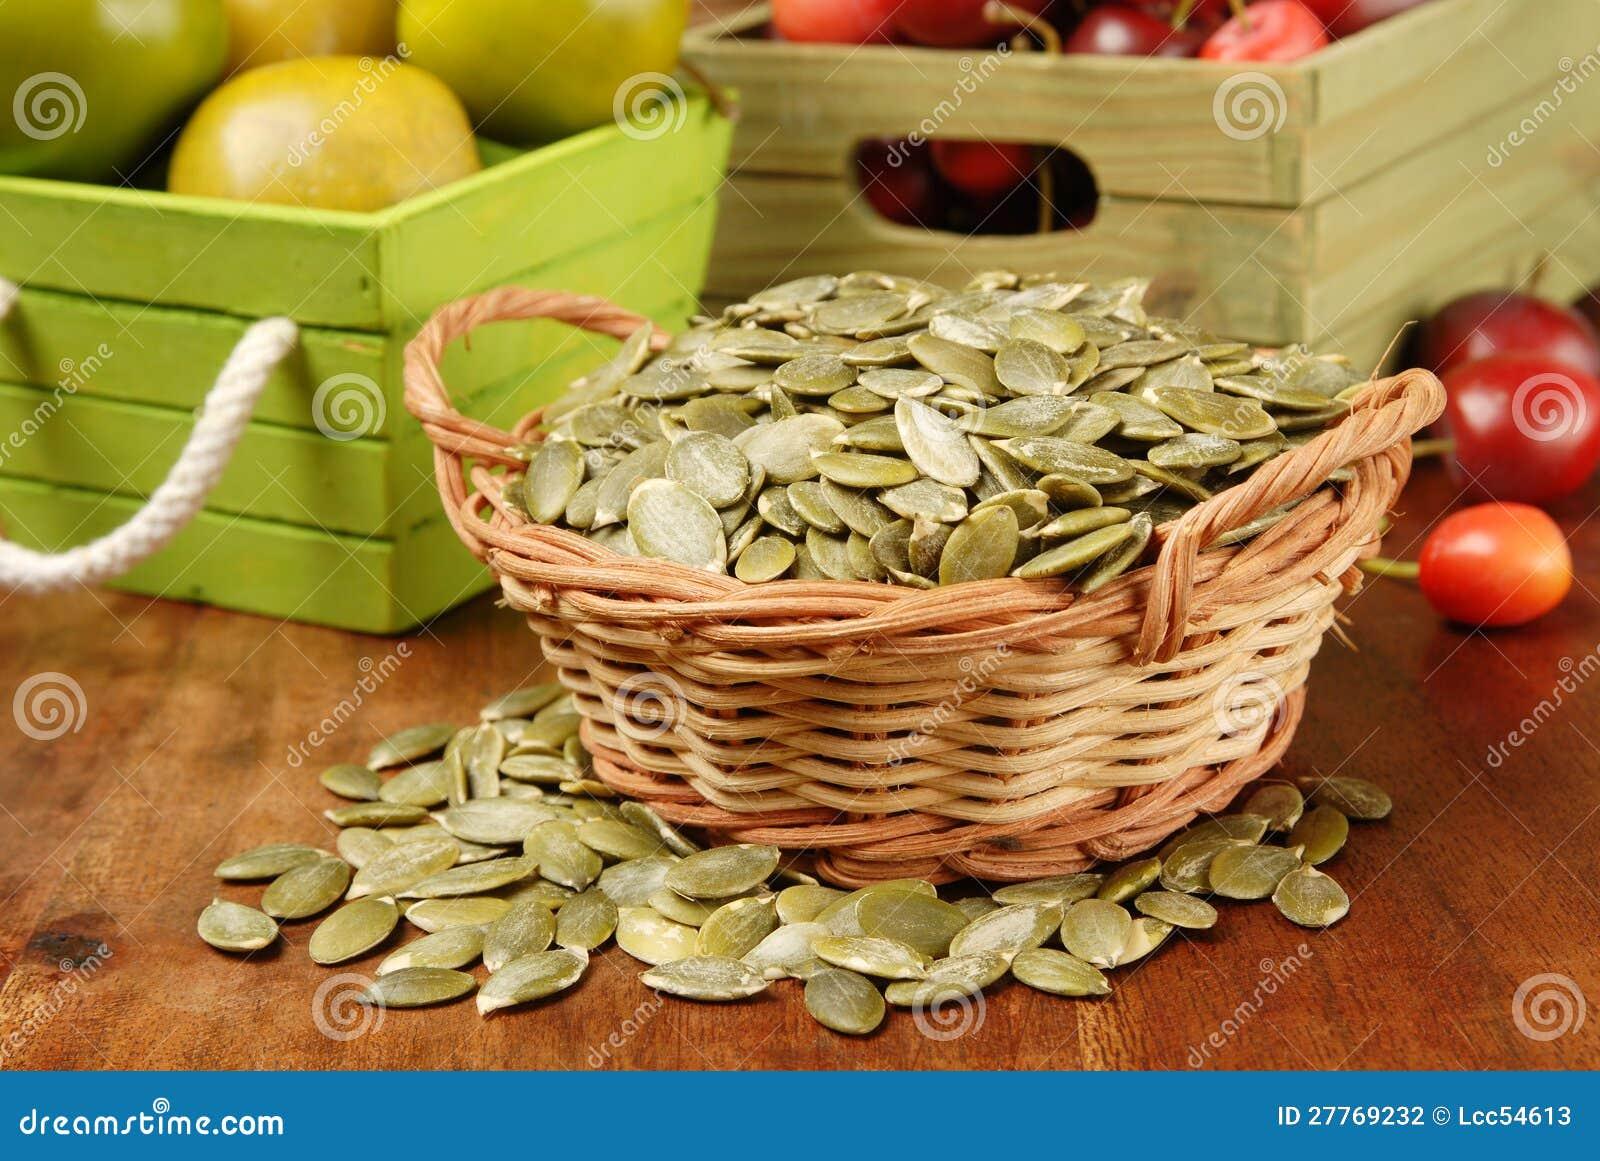 Graines de citrouille